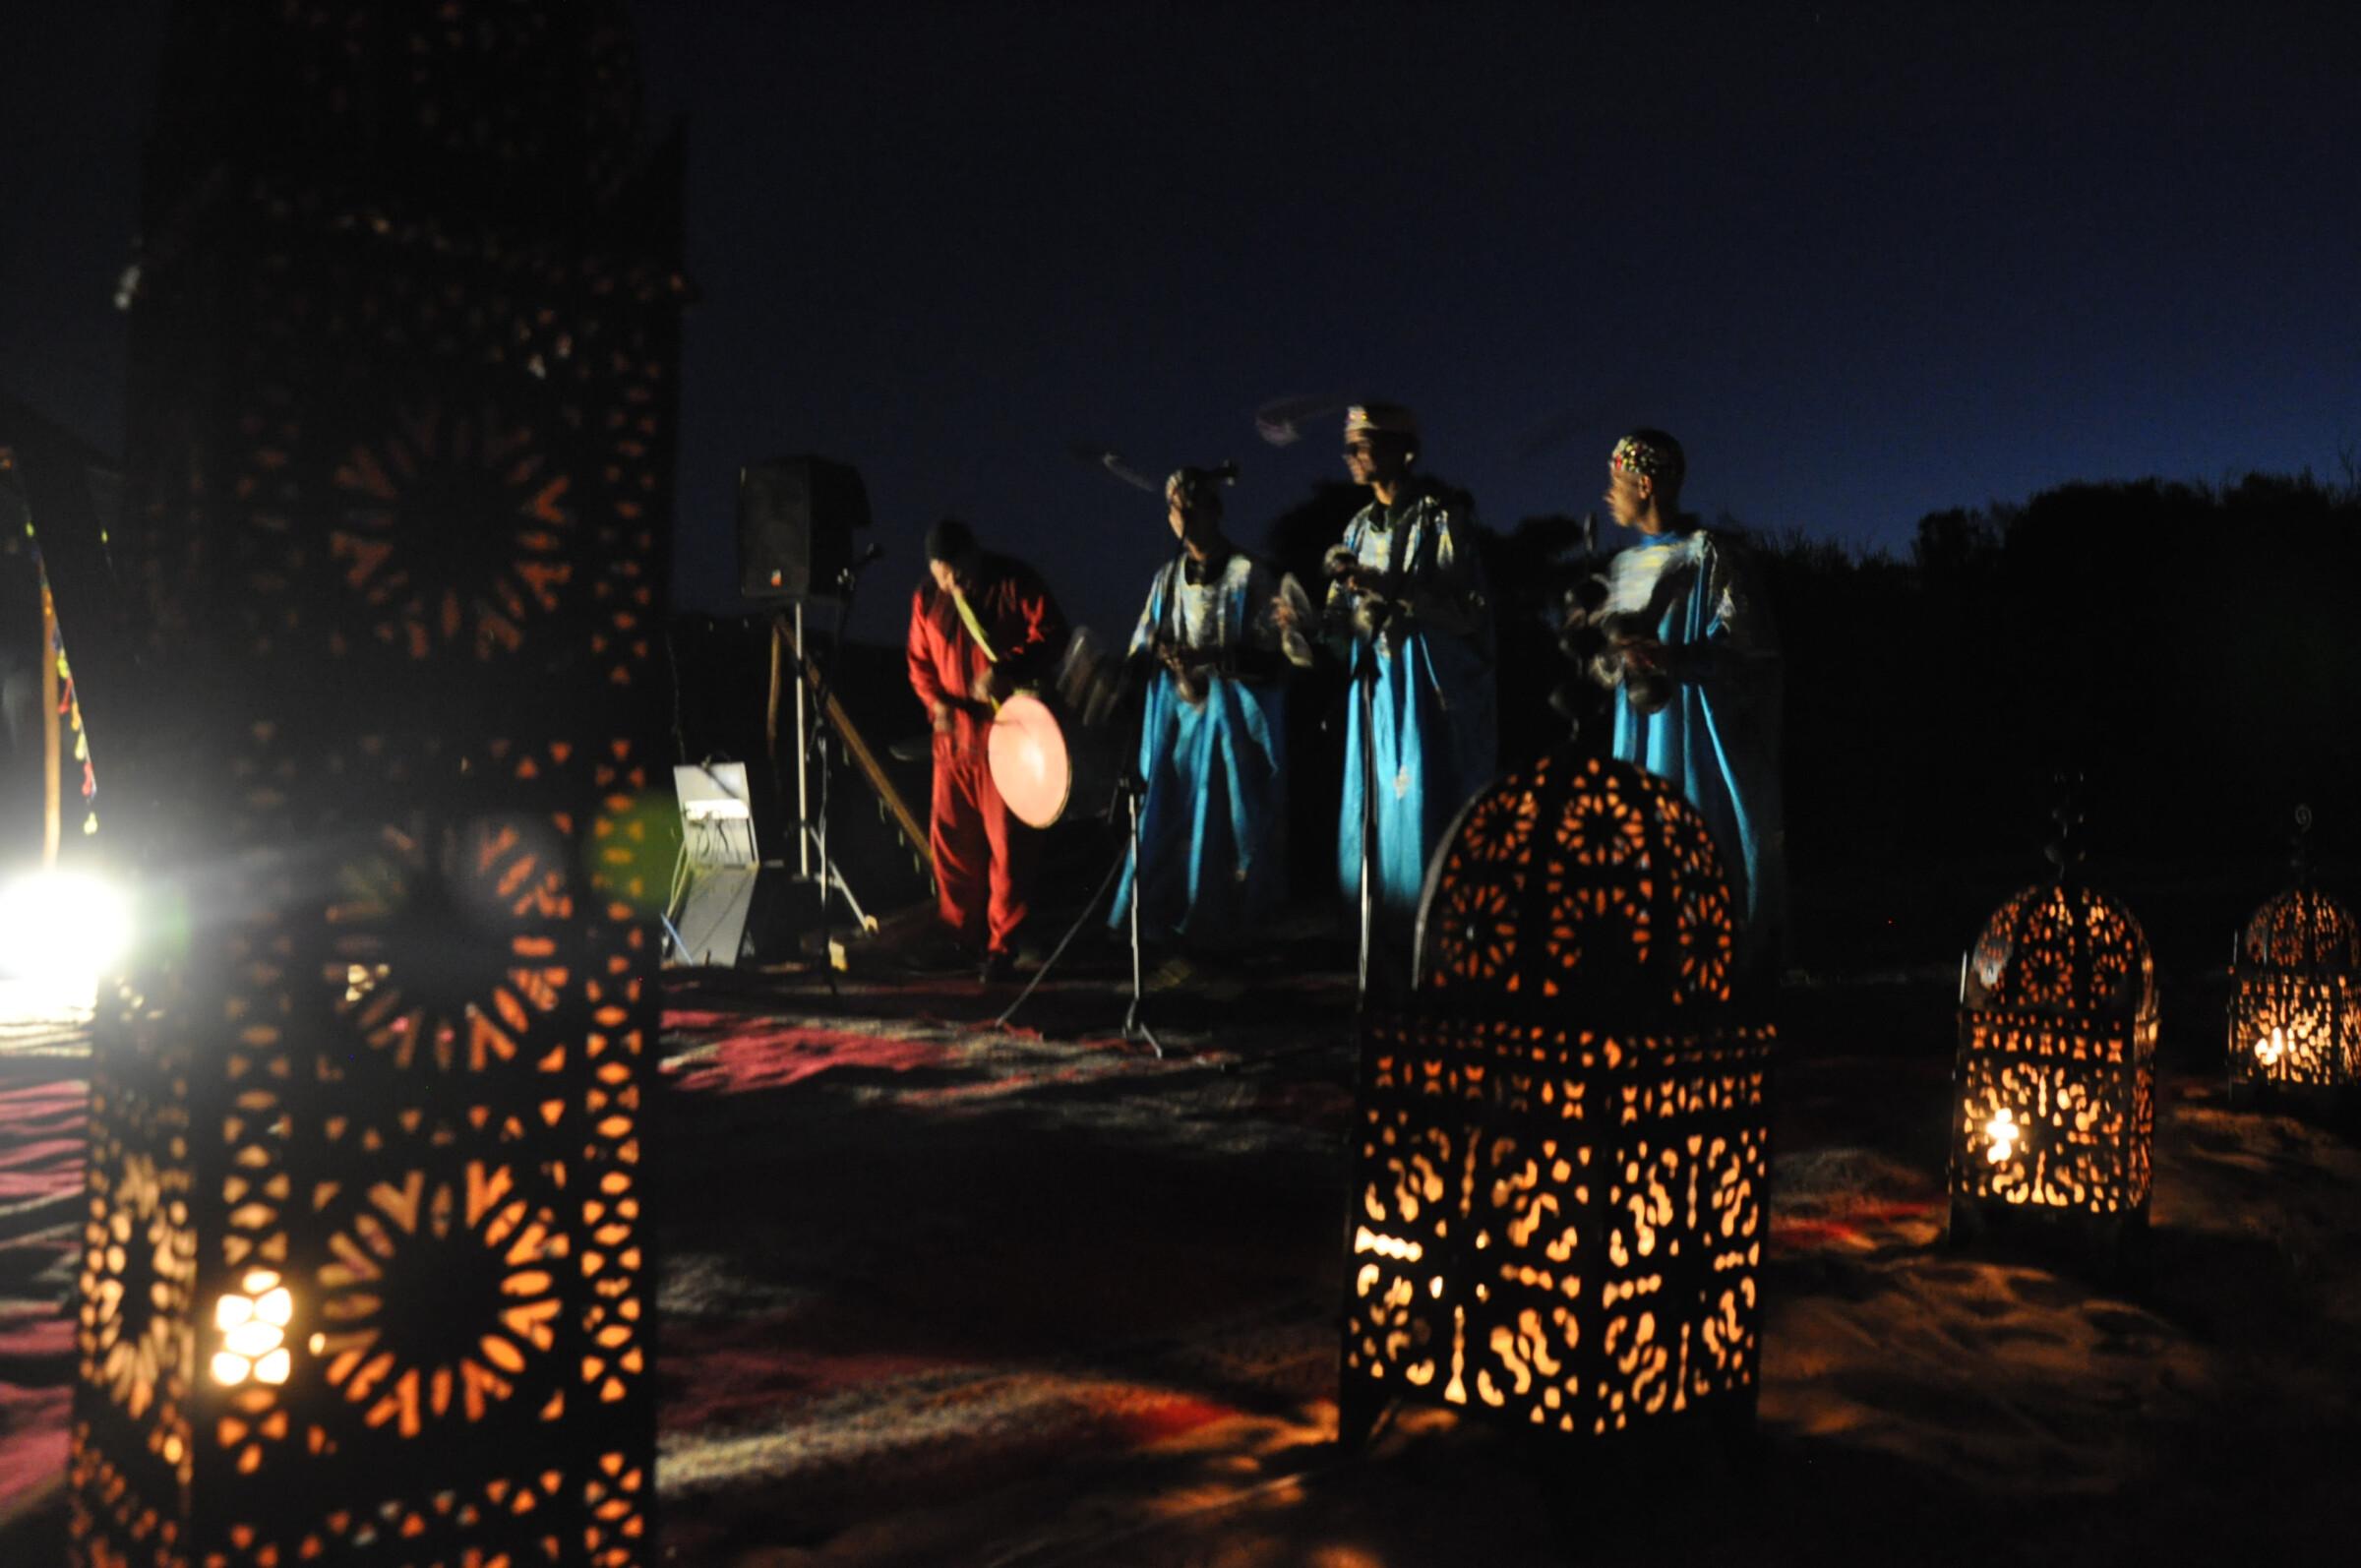 Musik in Marokko: Geschichte und Ursprünge